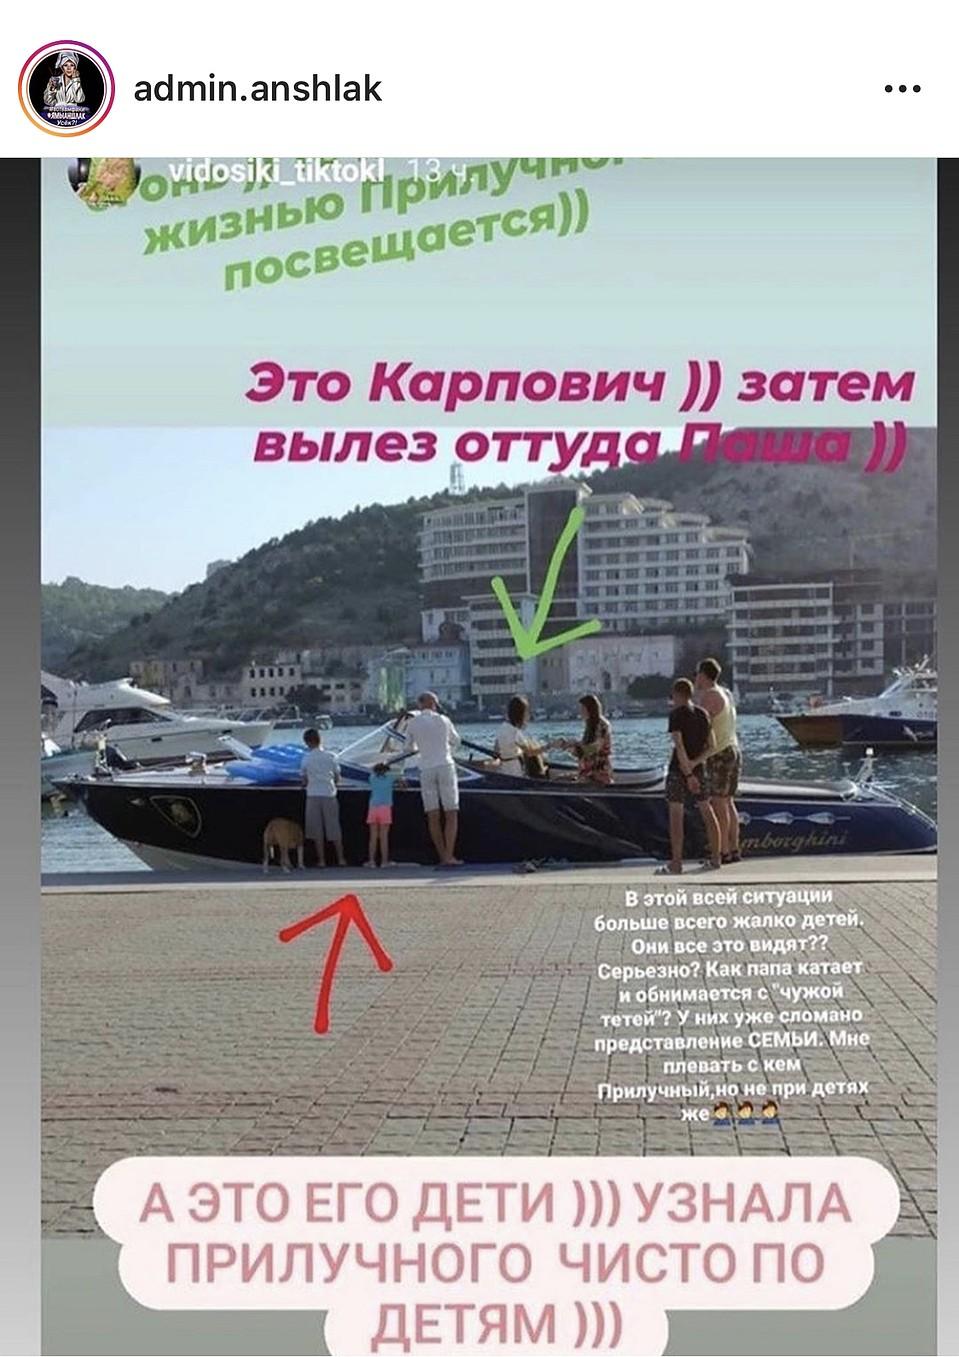 В соцсетях появились фото Прилучного и Карпович из Крыма